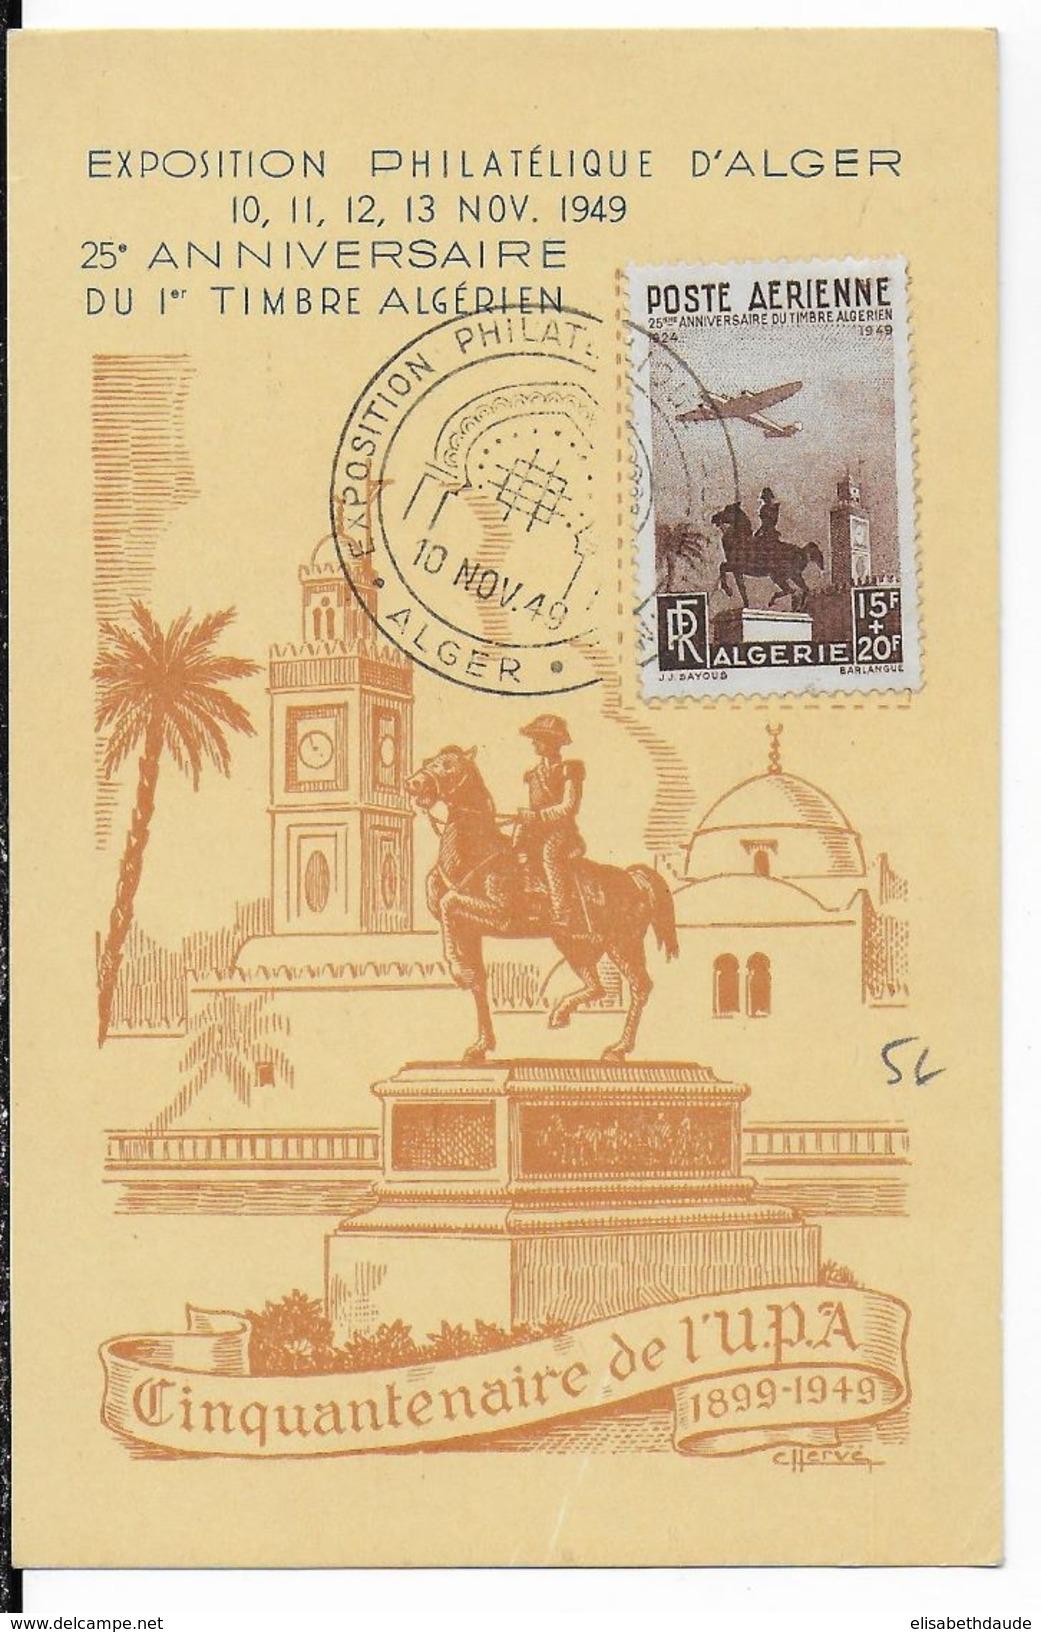 1949 - ALGERIE - CARTE POSTALE De L'EXPO PHILATELIQUE D'ALGER Avec OBLITERATION TEMPORAIRE ILLUSTREE - Algérie (1924-1962)